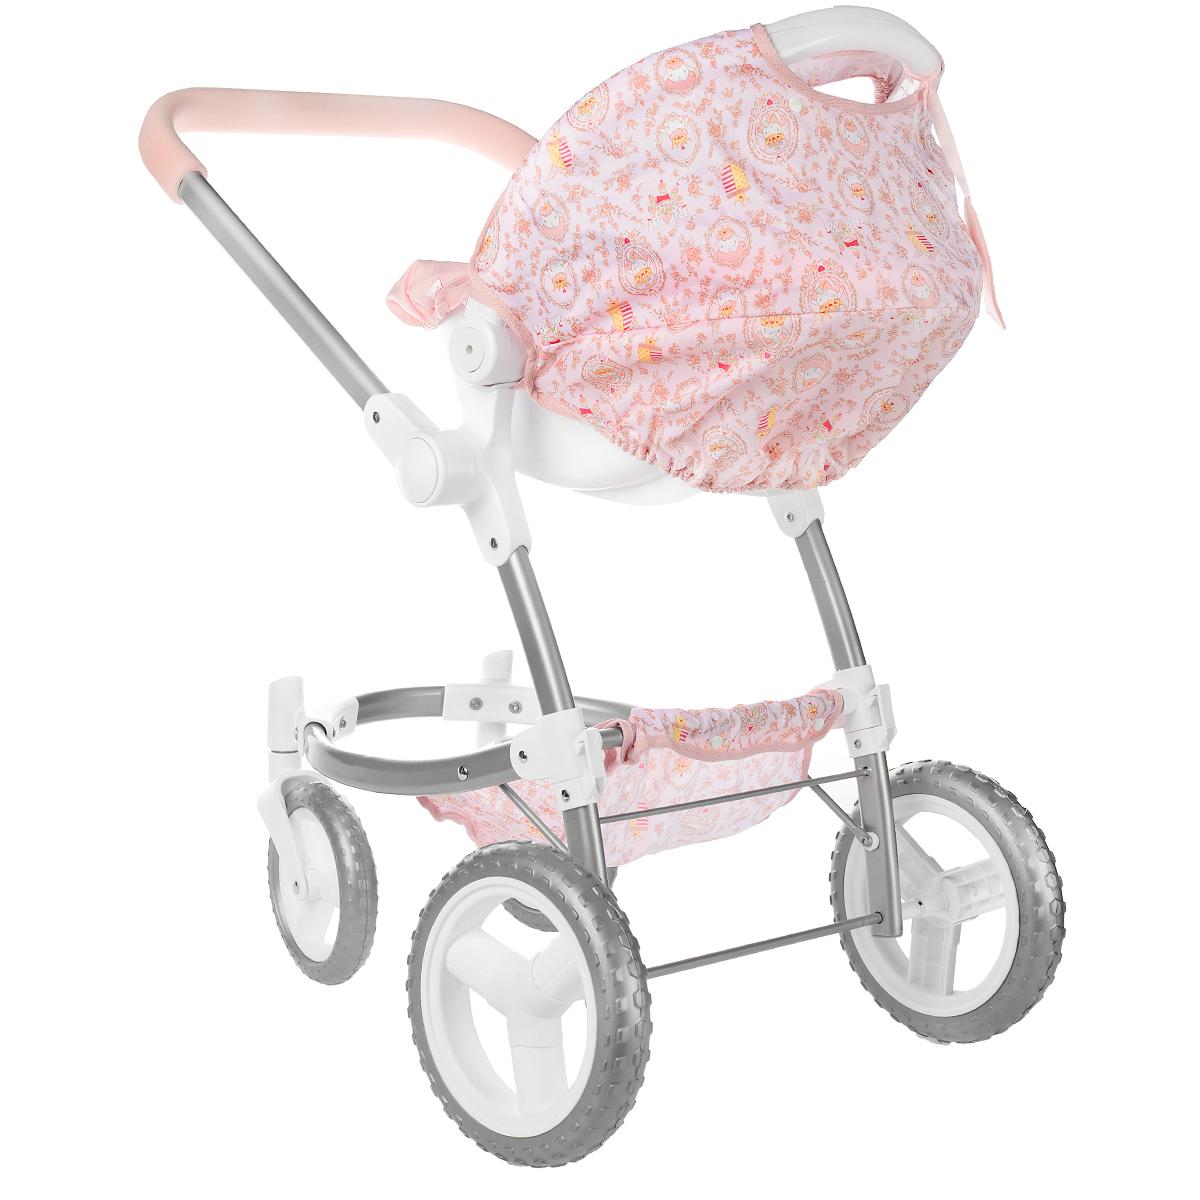 Купить Baby Annabell Коляска для прогулок, цвет: светло-розовый, ZAPF Creation, Куклы и аксессуары